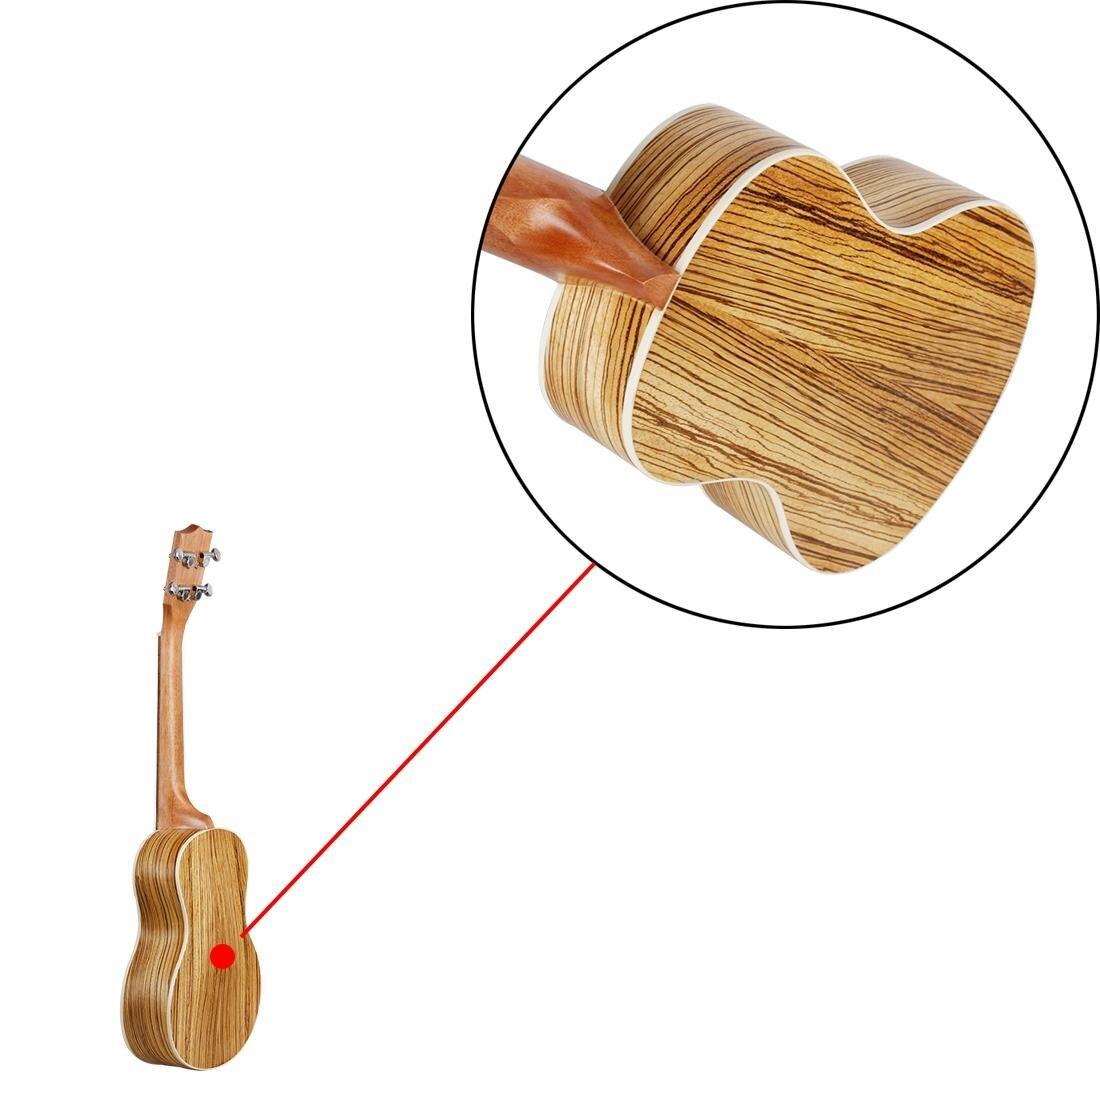 Nouveau IRIN Concert ukulélé 26 pouces 4 cordes hawaïenne Mini guitare acoustique Ukelele guitare envoyer des cadeaux musicaux à cordes Ins - 5